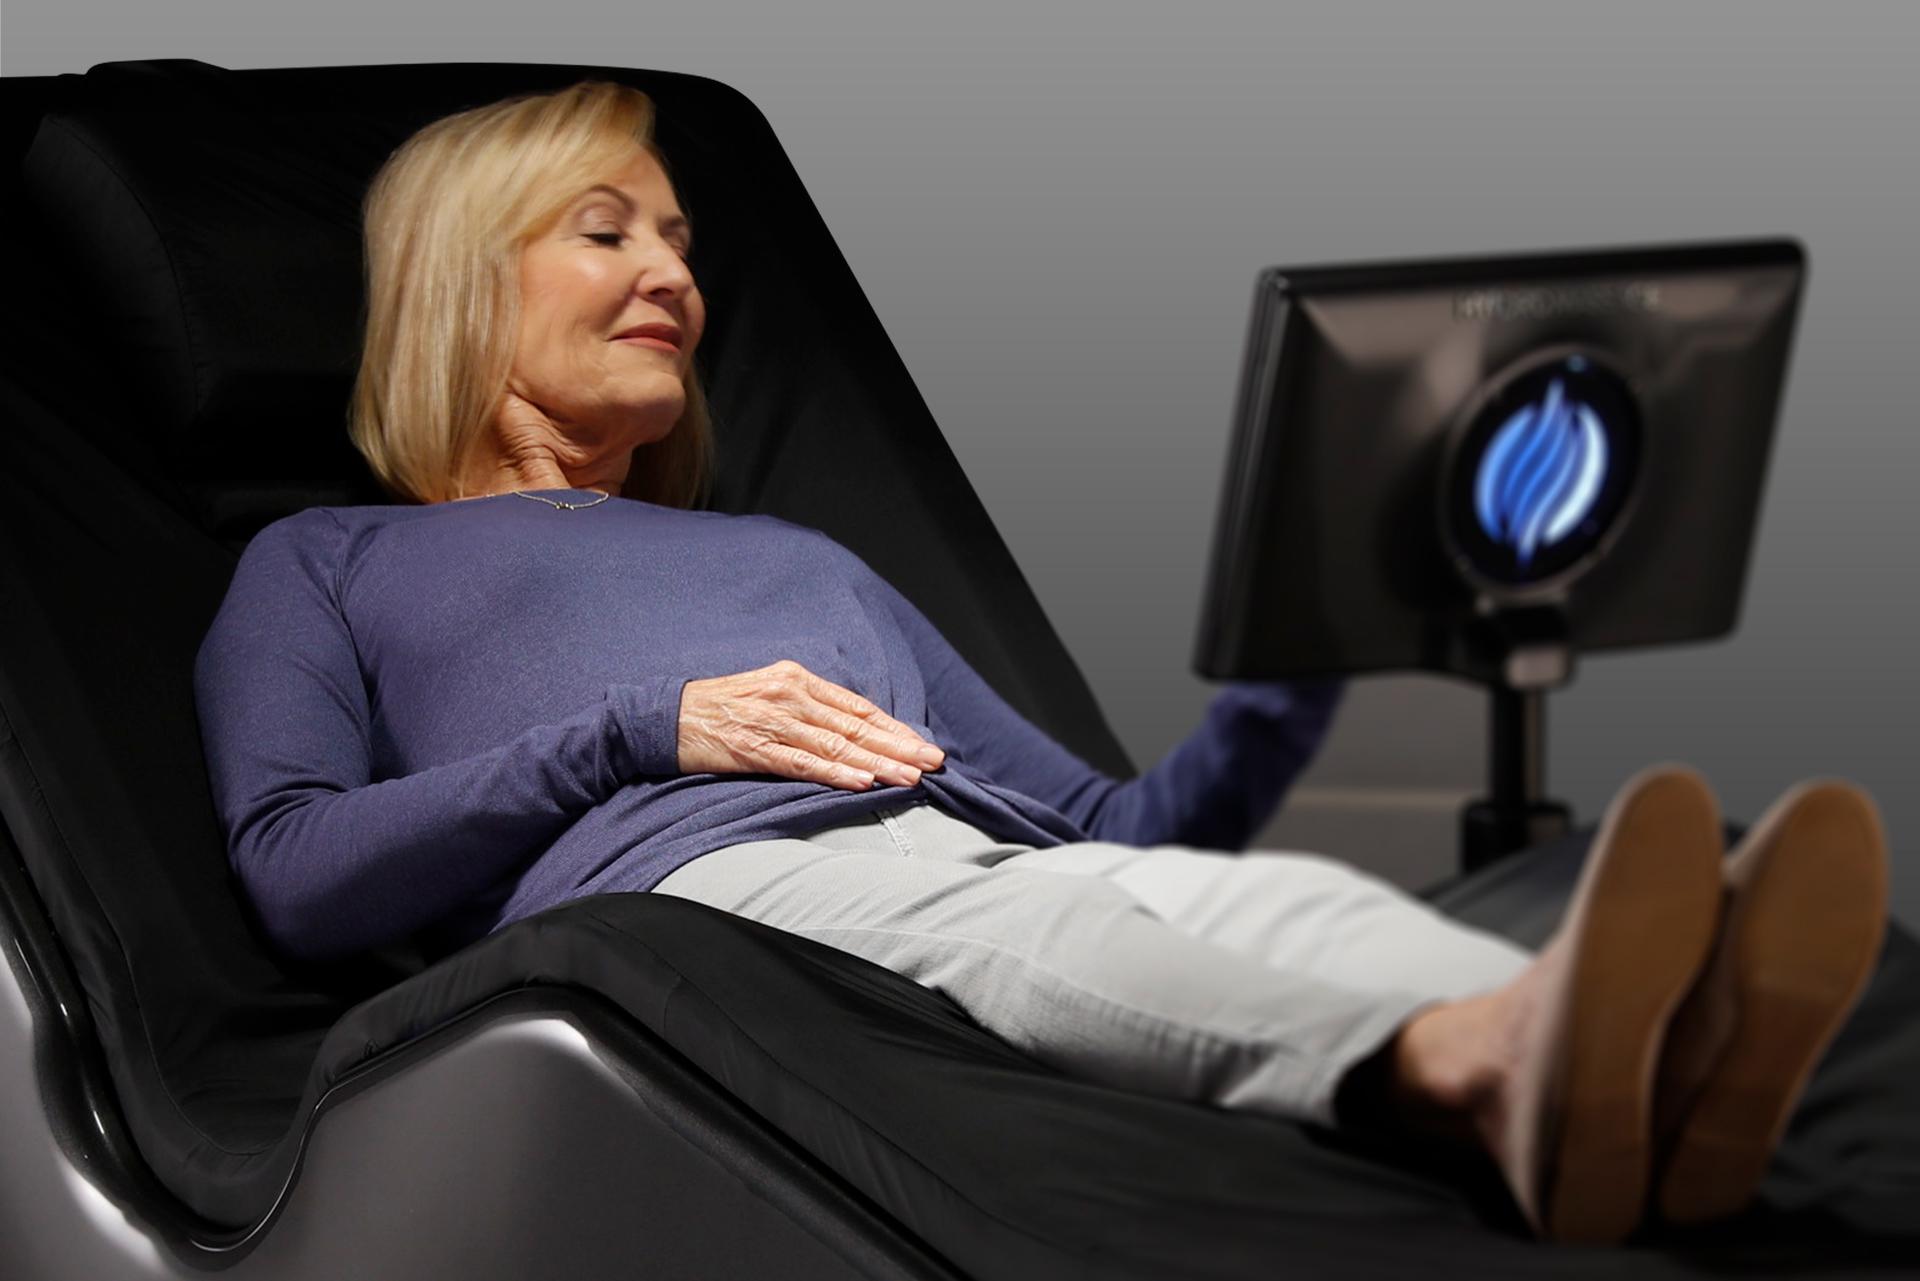 Woman enjoying HydroMassage Lounge